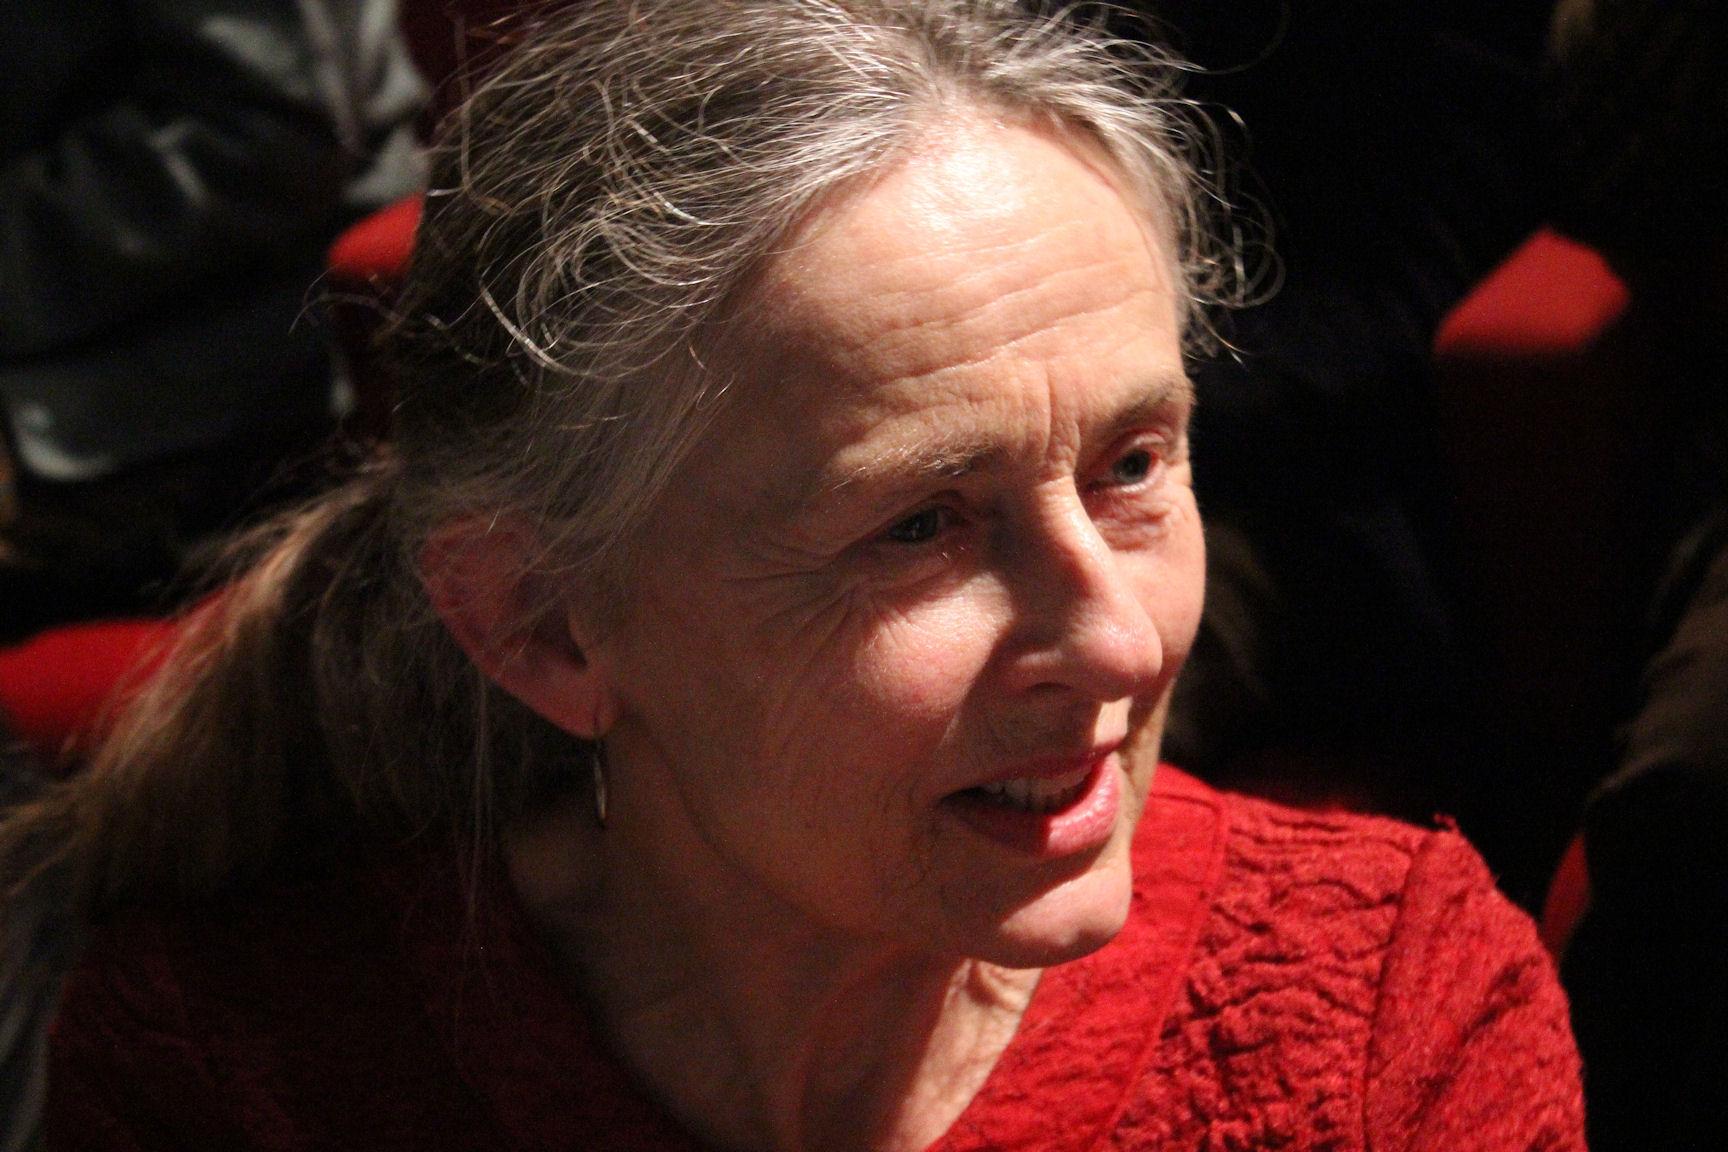 Afscheidsfeest Heleen van den Berg Vrijdagtheater 14 dec 2014